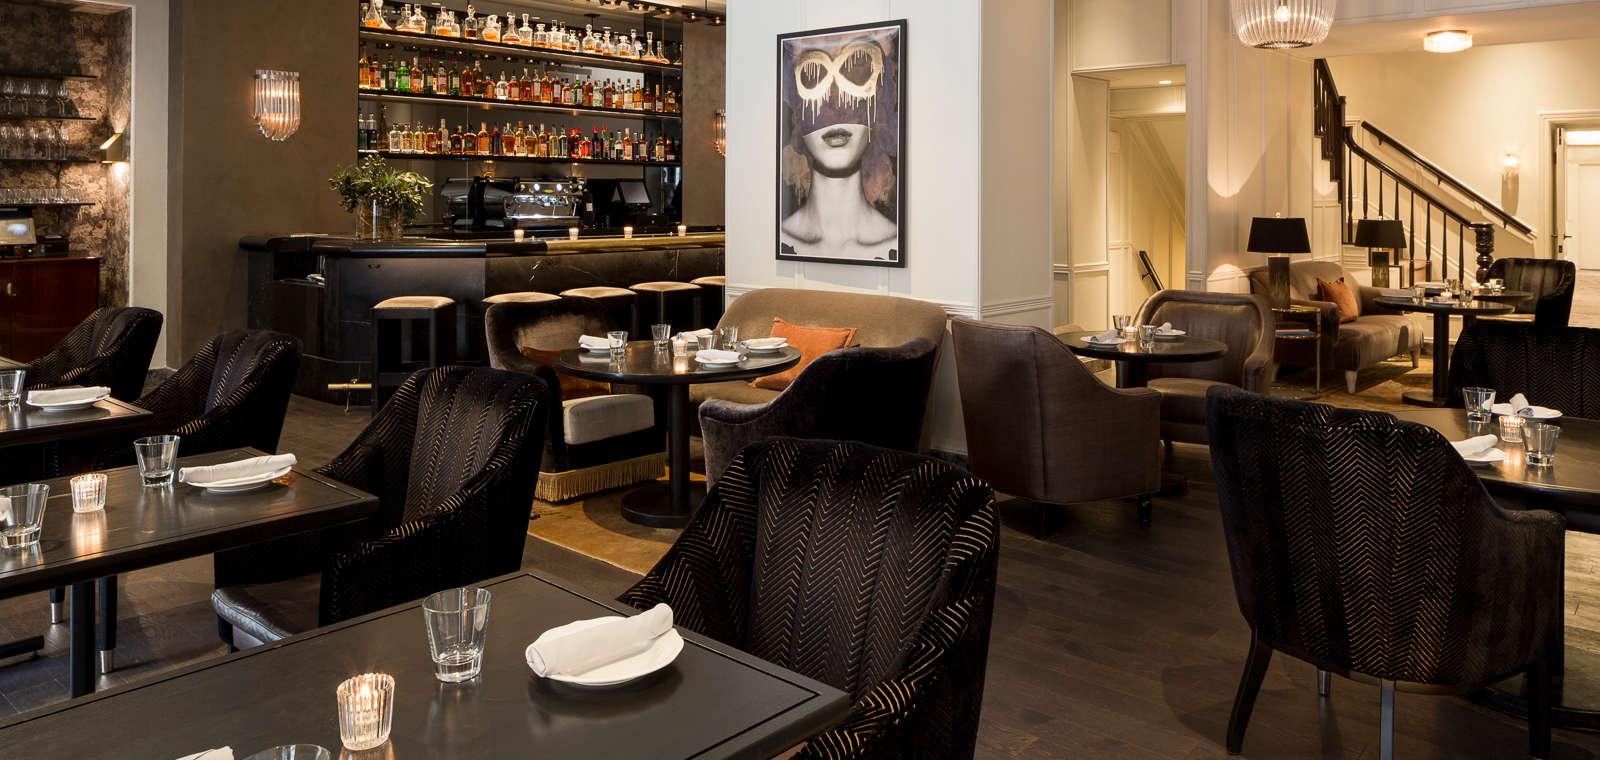 Talbott_Dining_20 East_Interior 1